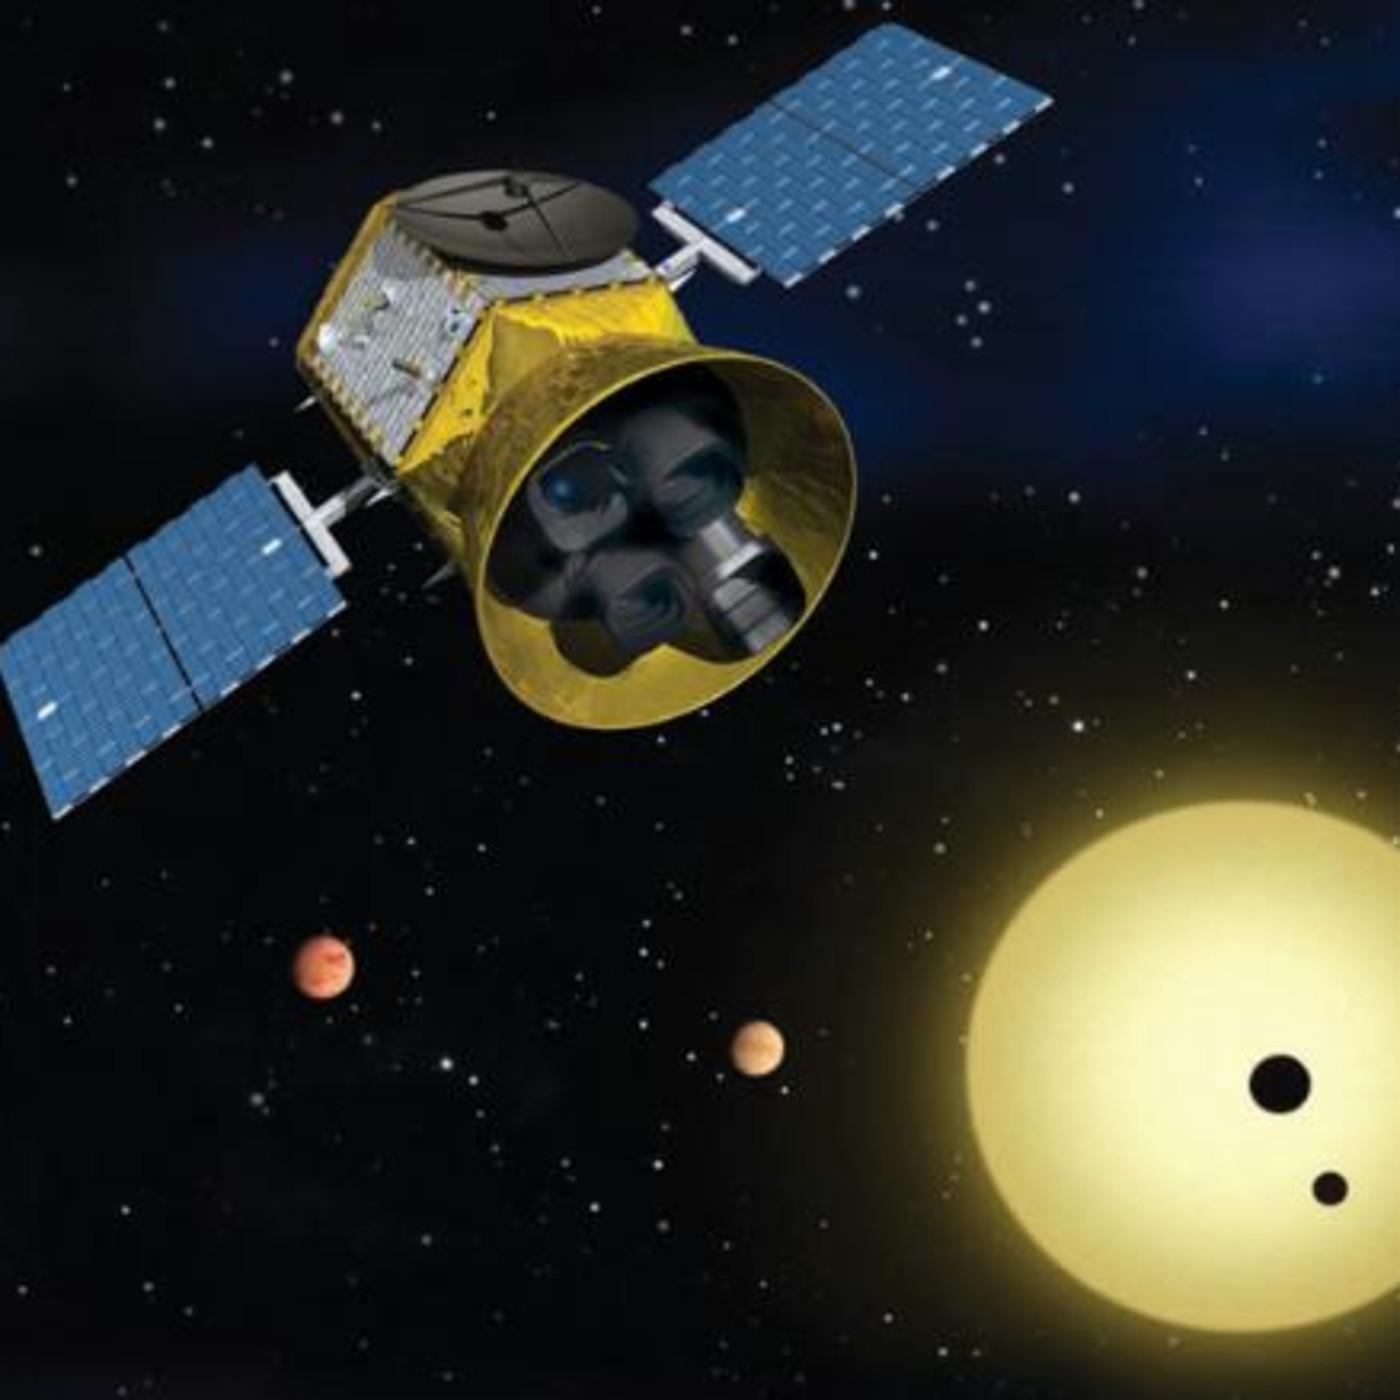 En Busca de Otros Planetas #astronomia #universo #ciencia #podcast